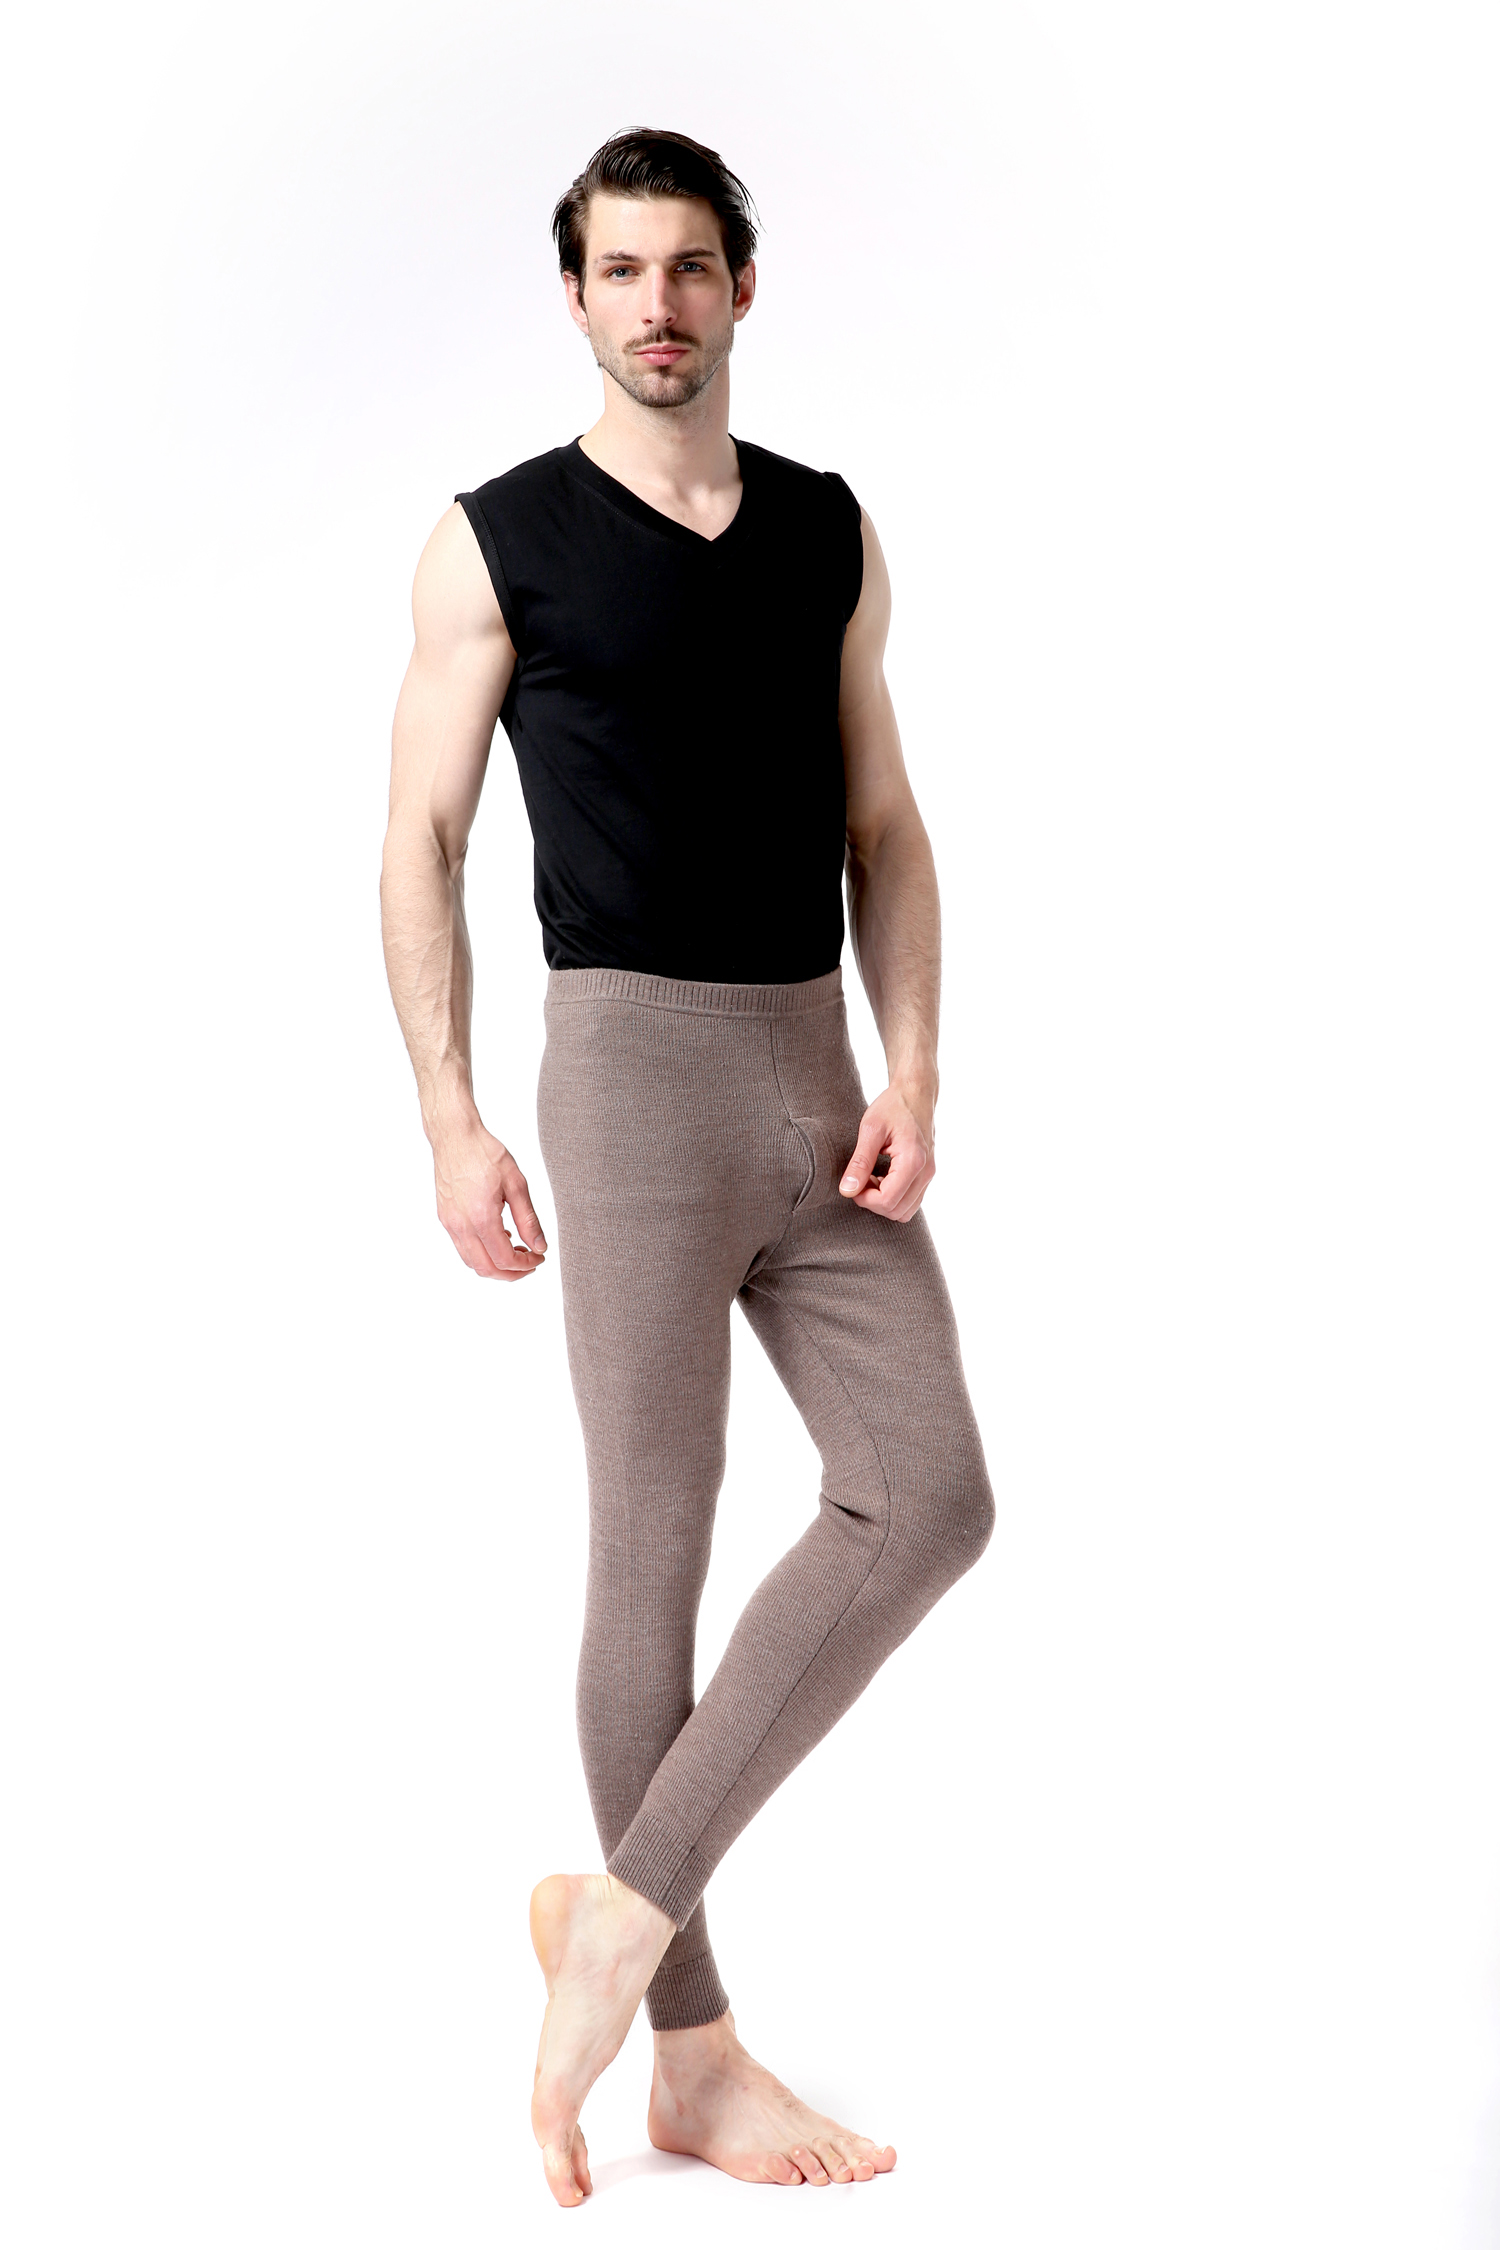 中昊绒业专业提供最好的都兰诺斯澳毛男抽条裤批发